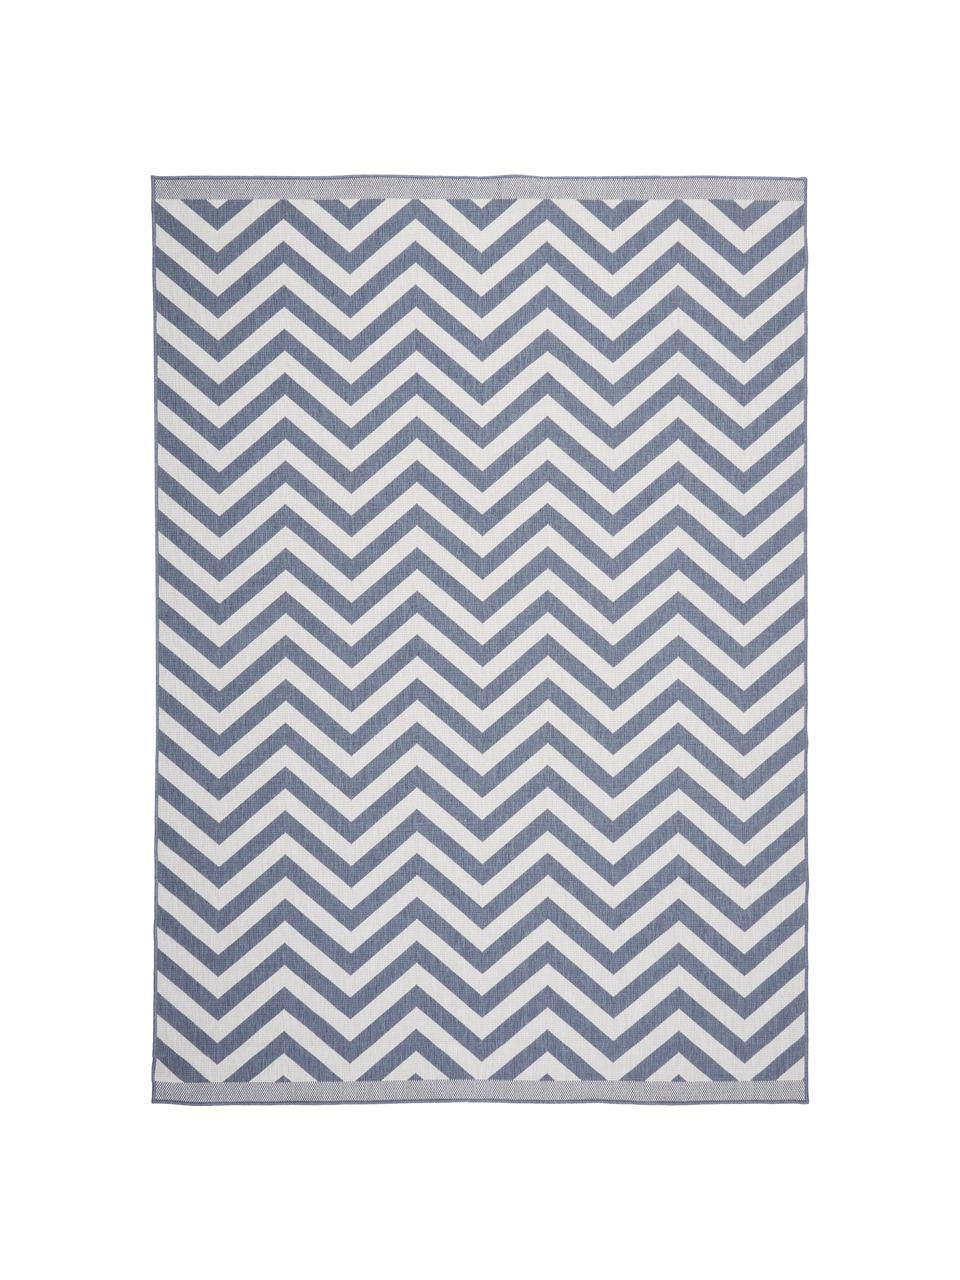 In- & Outdoor-Teppich Palma mit Zickzack-Muster, beidseitig verwendbar, 100% Polypropylen, Blau, Creme, B 200 x L 290 cm (Größe L)